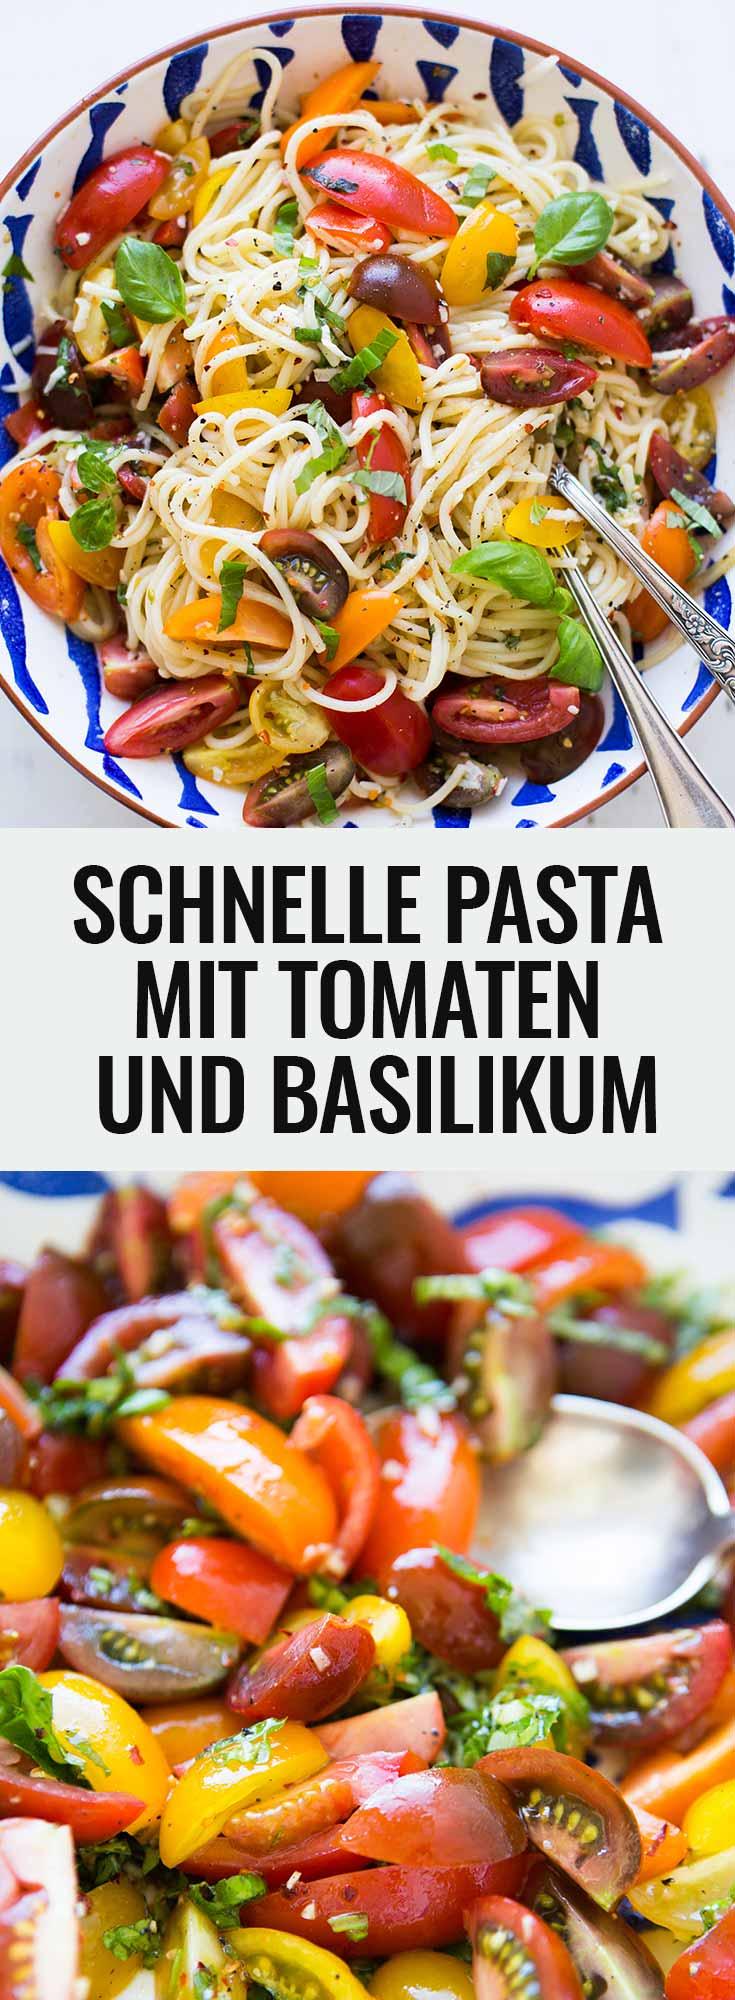 Schnelle Pasta mit Tomaten und Basilikum. Dieses 9-Zutaten Rezept ist schnell, einfach und herrlich sommerlich - Kochkarussell.com